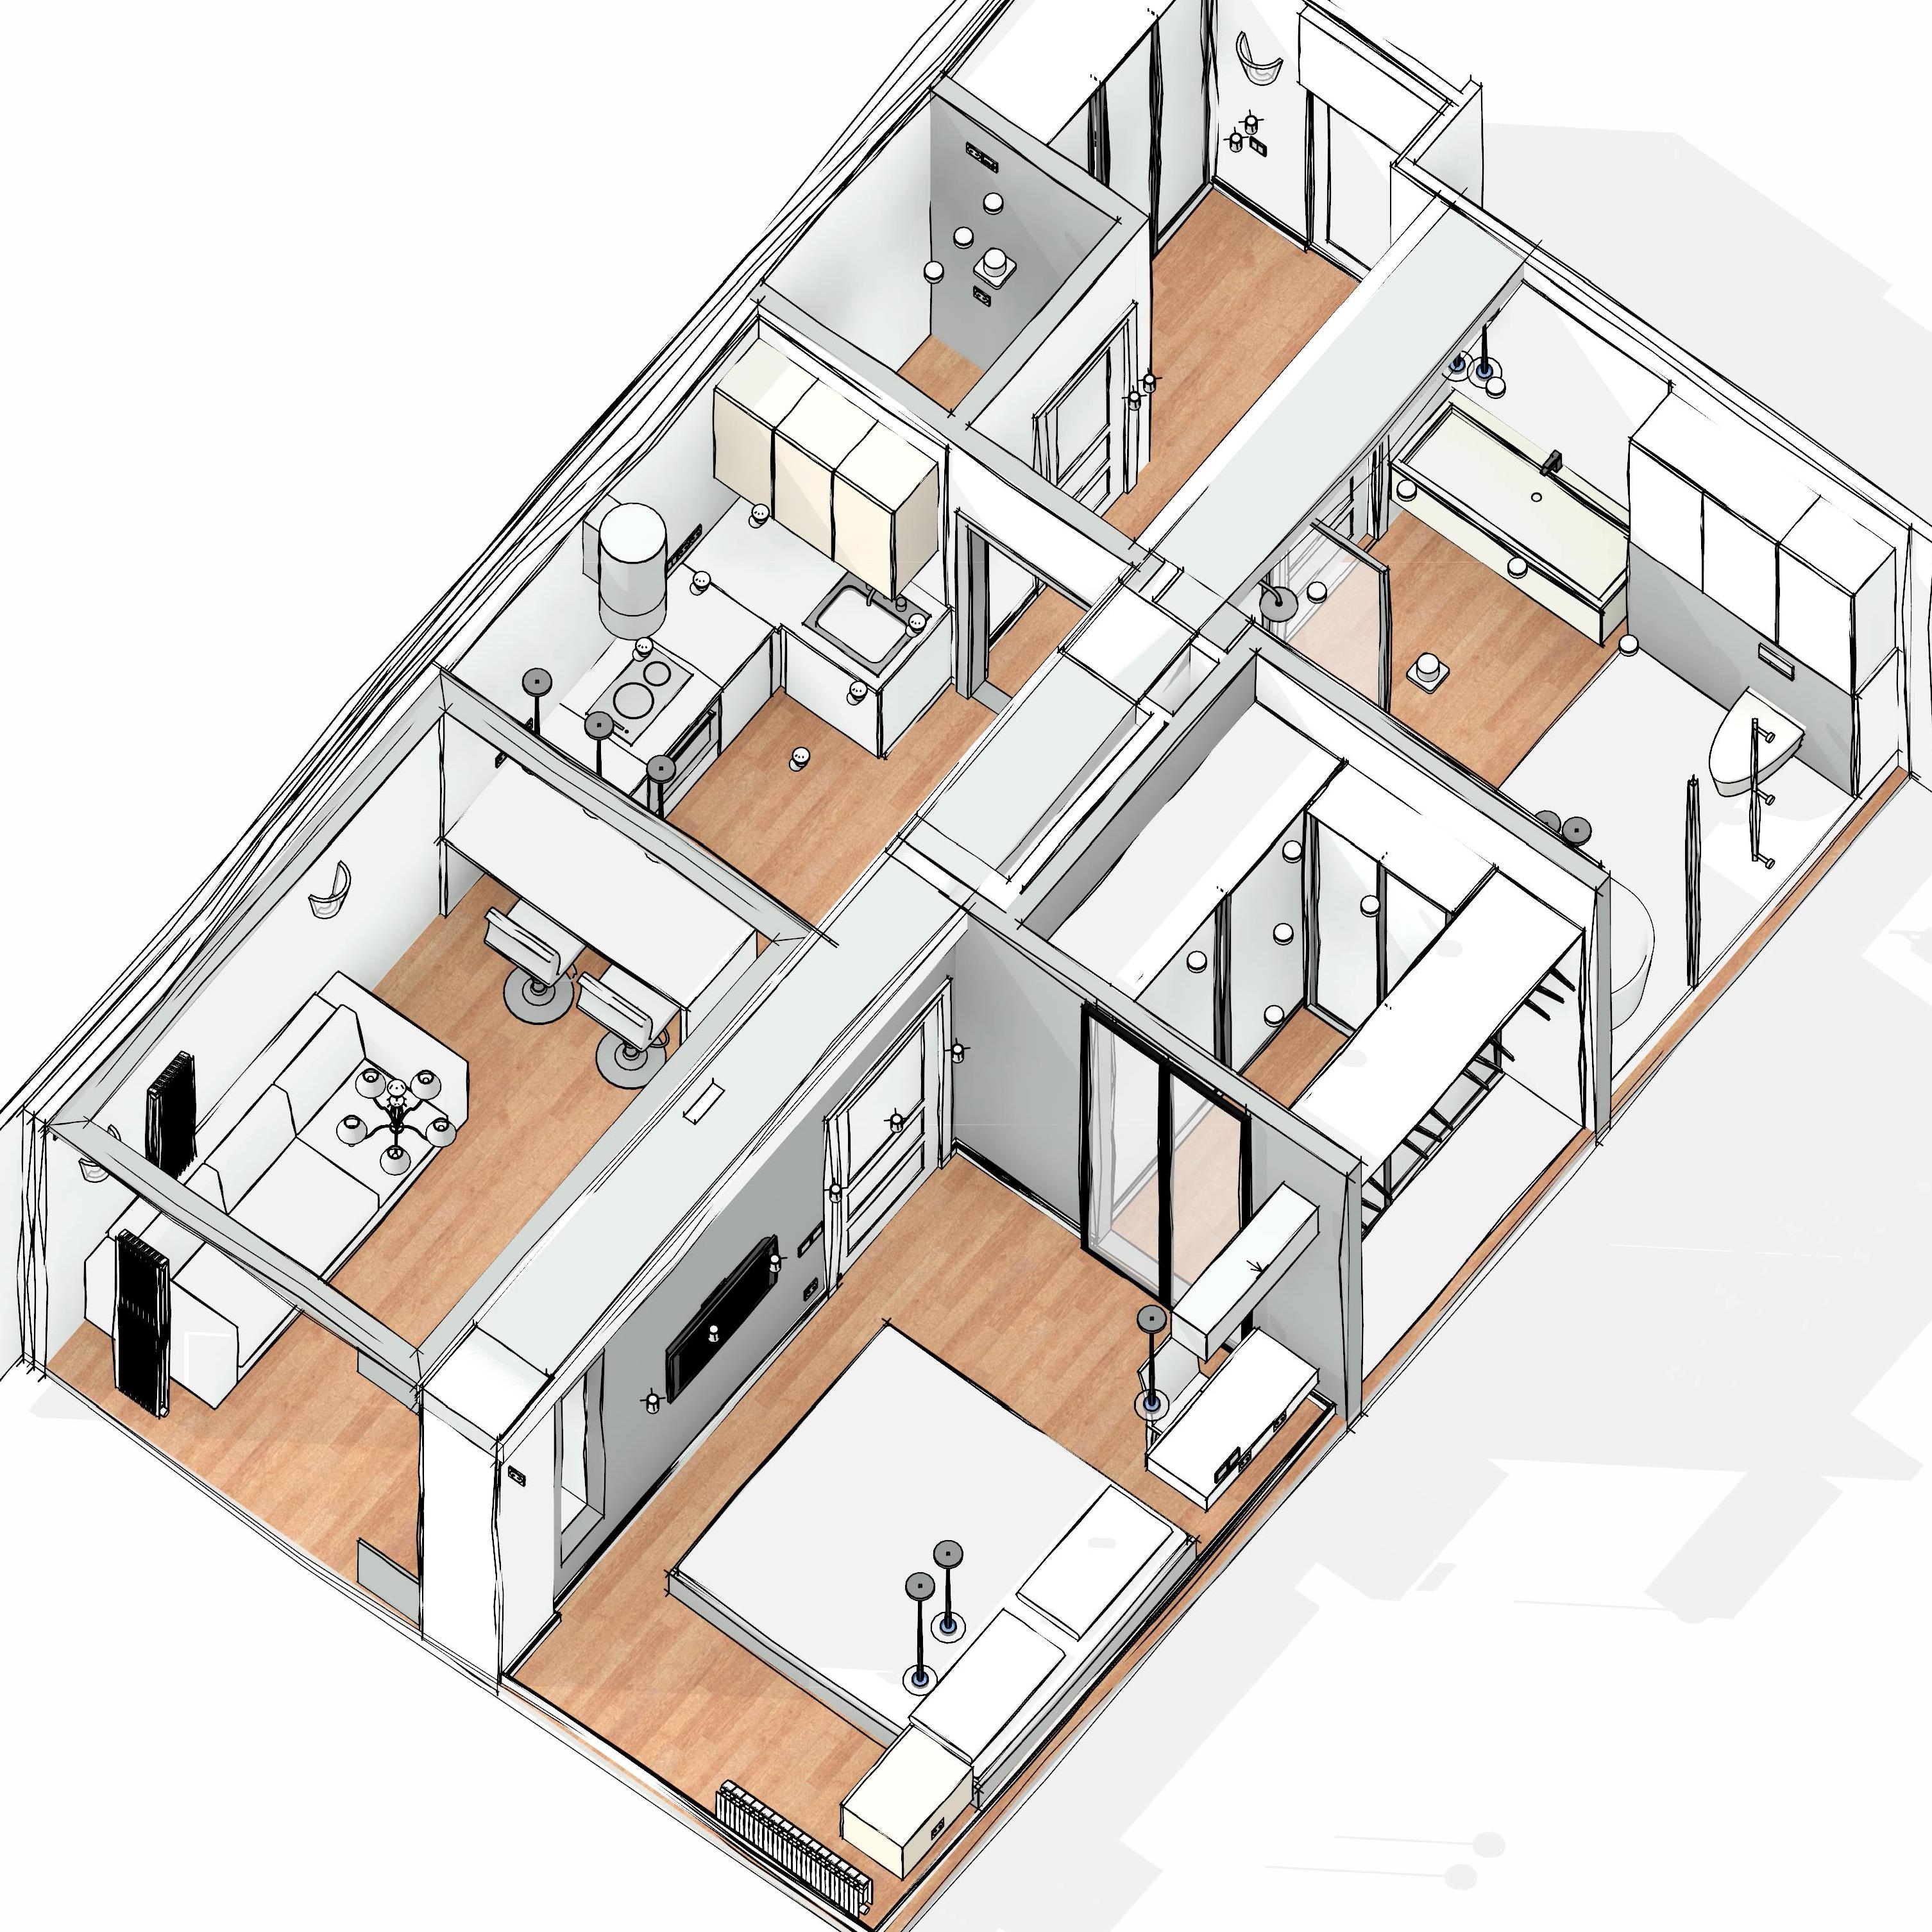 Апартаменты 3д 1